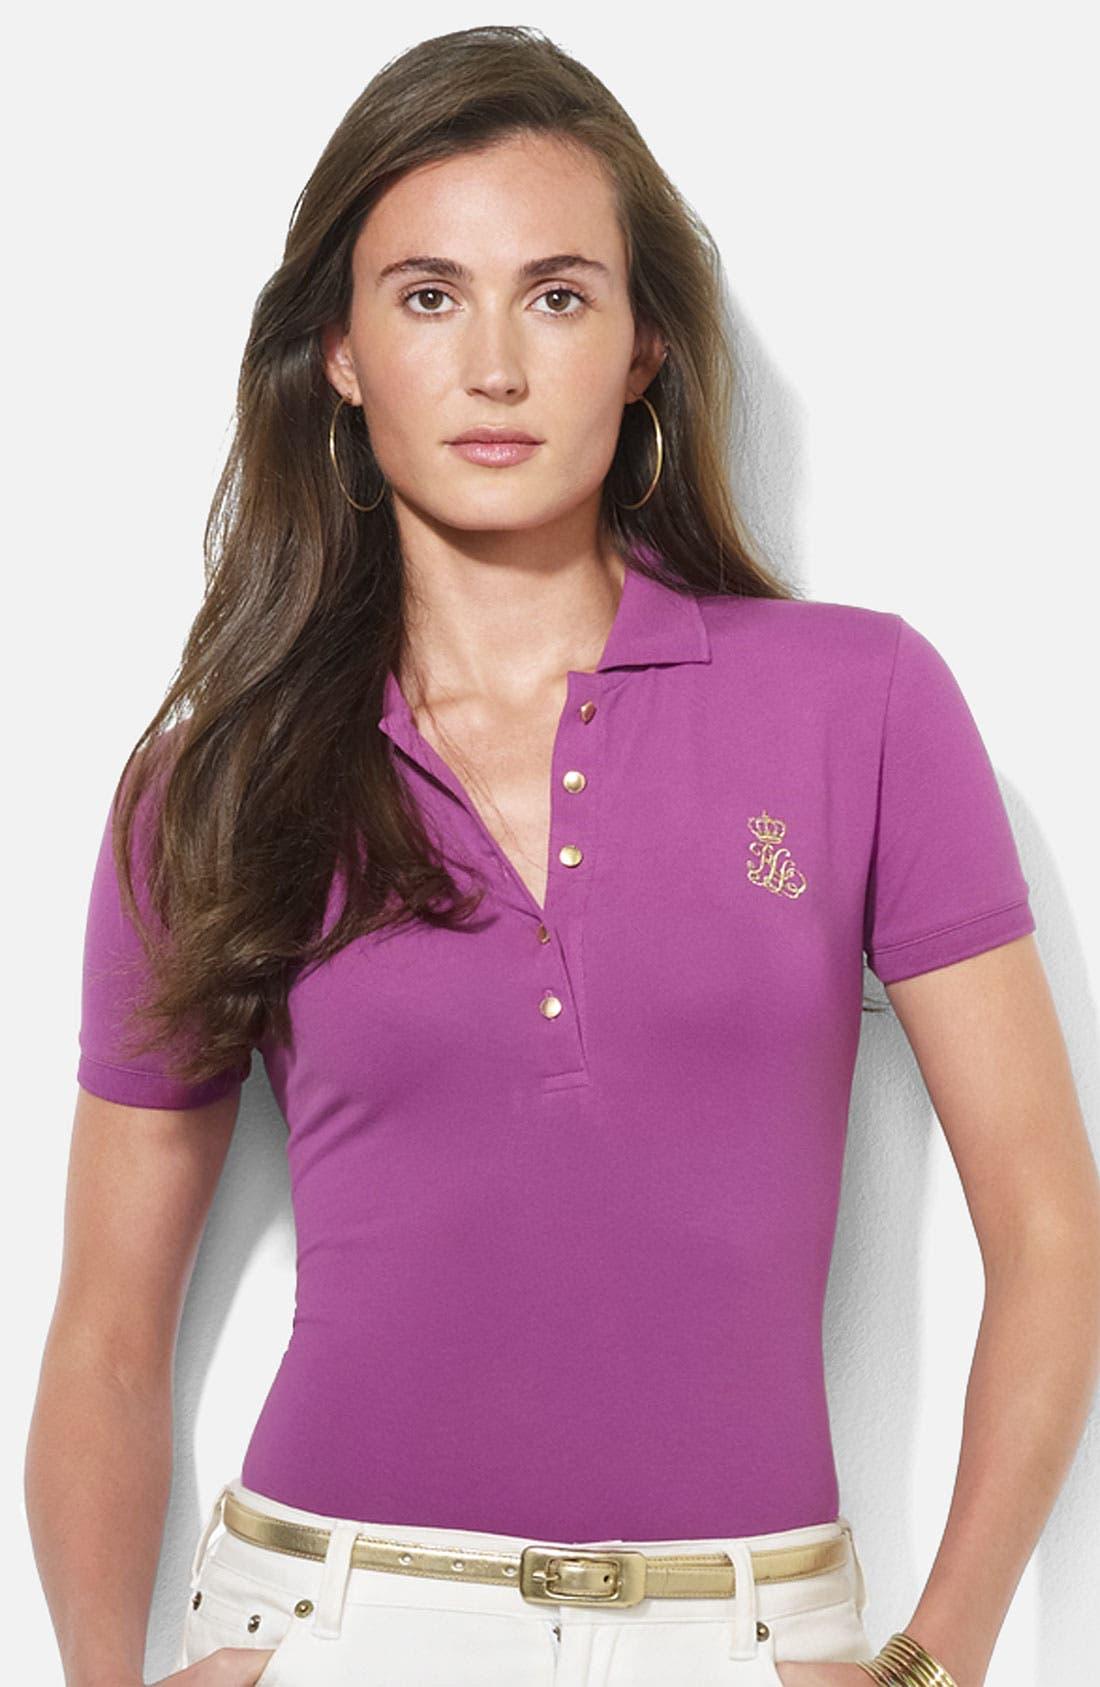 Alternate Image 1 Selected - Lauren Ralph Lauren Embroidered Polo (Petite) (Online Exclusive)